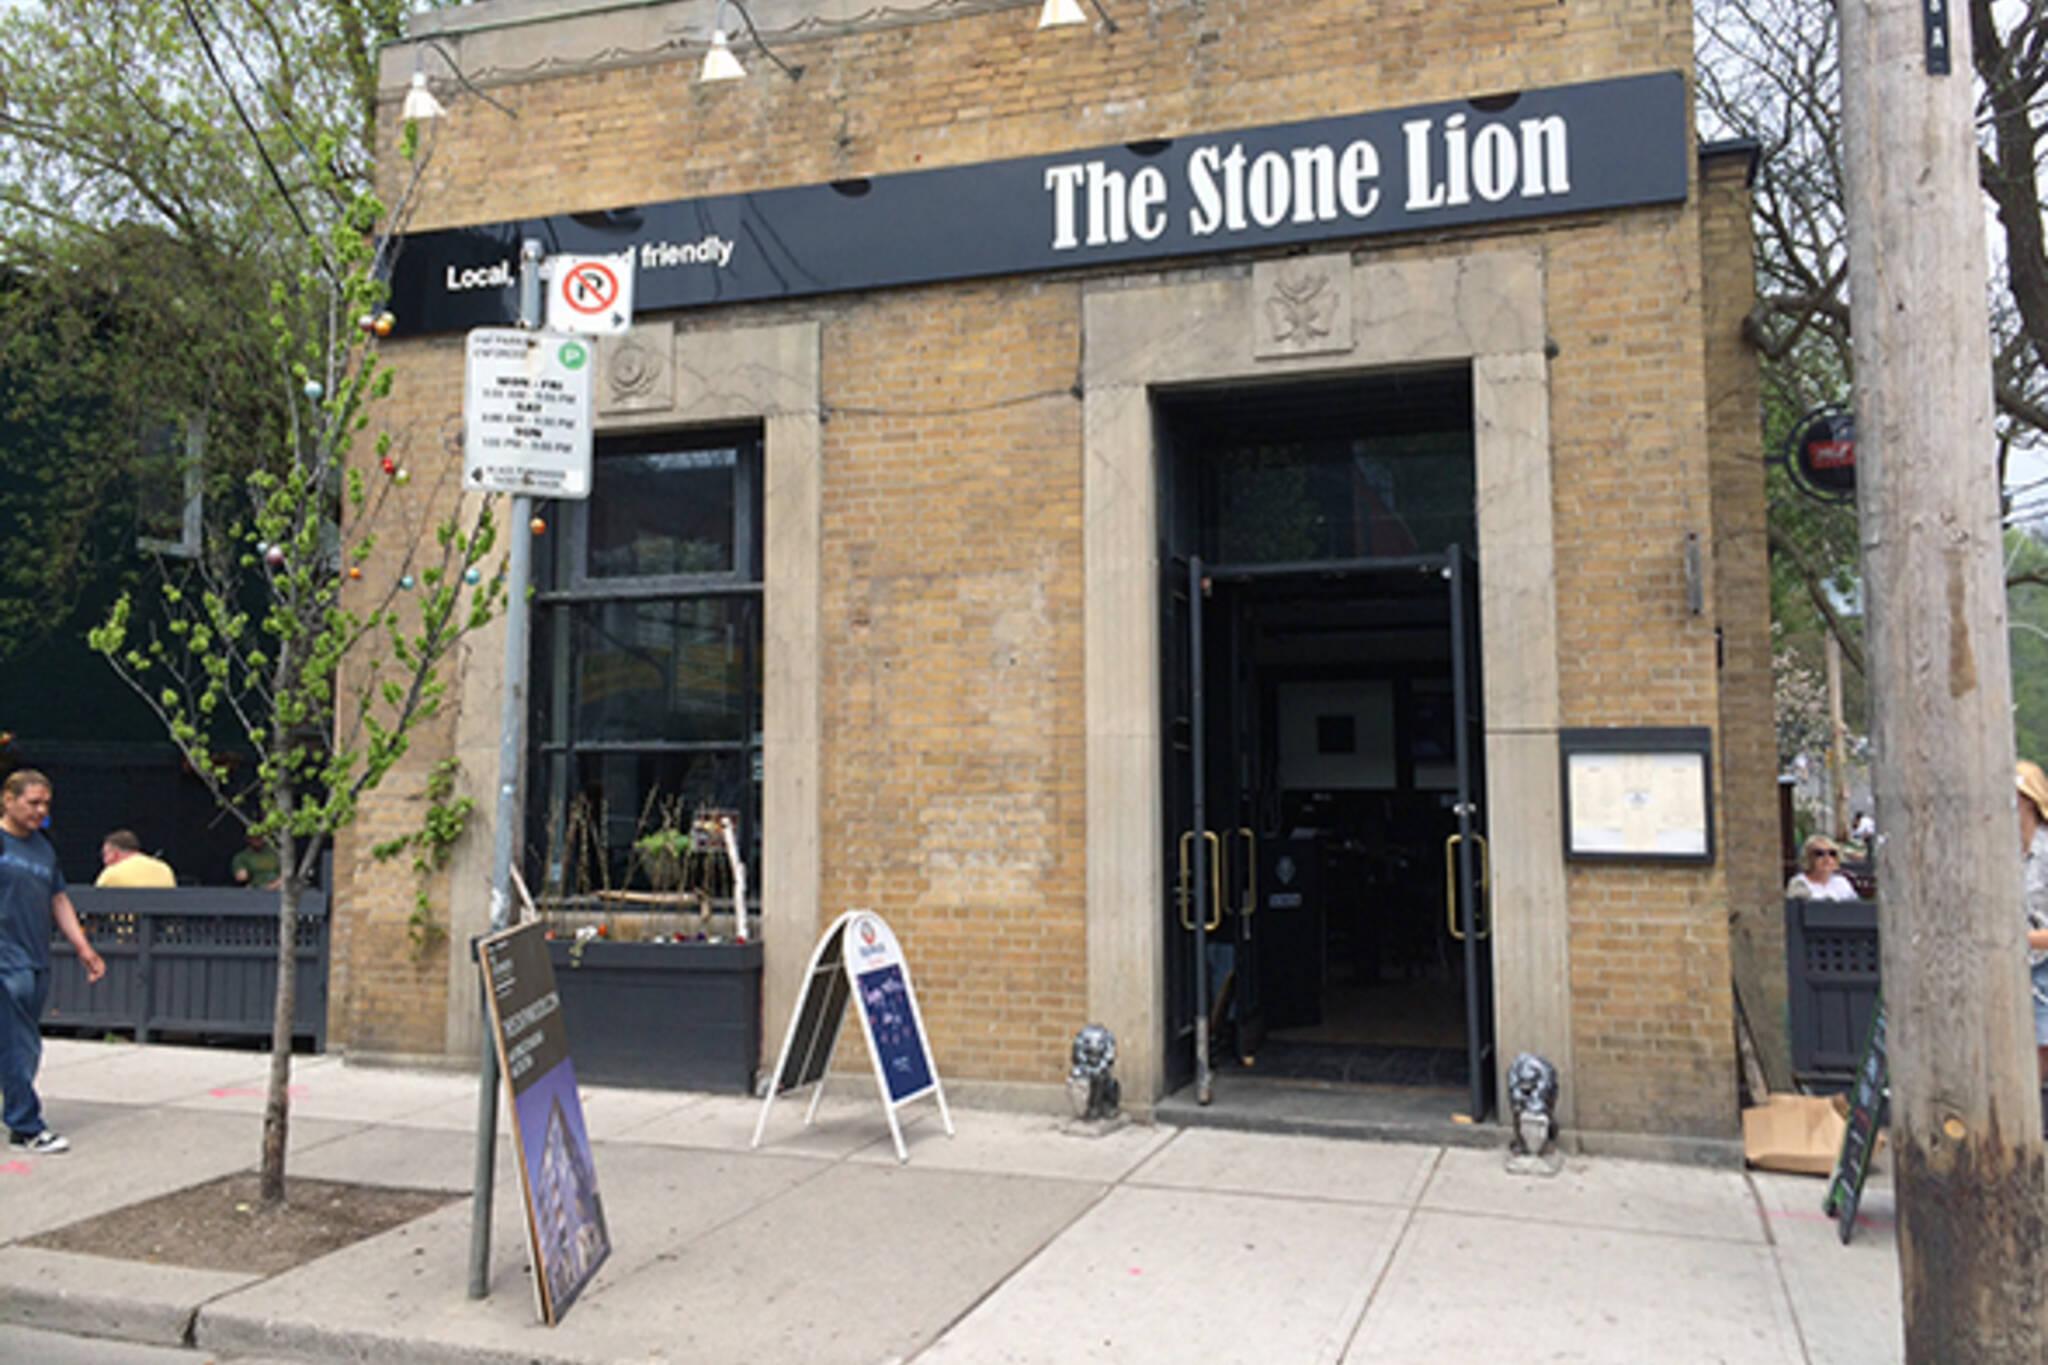 Stone Lion Pub